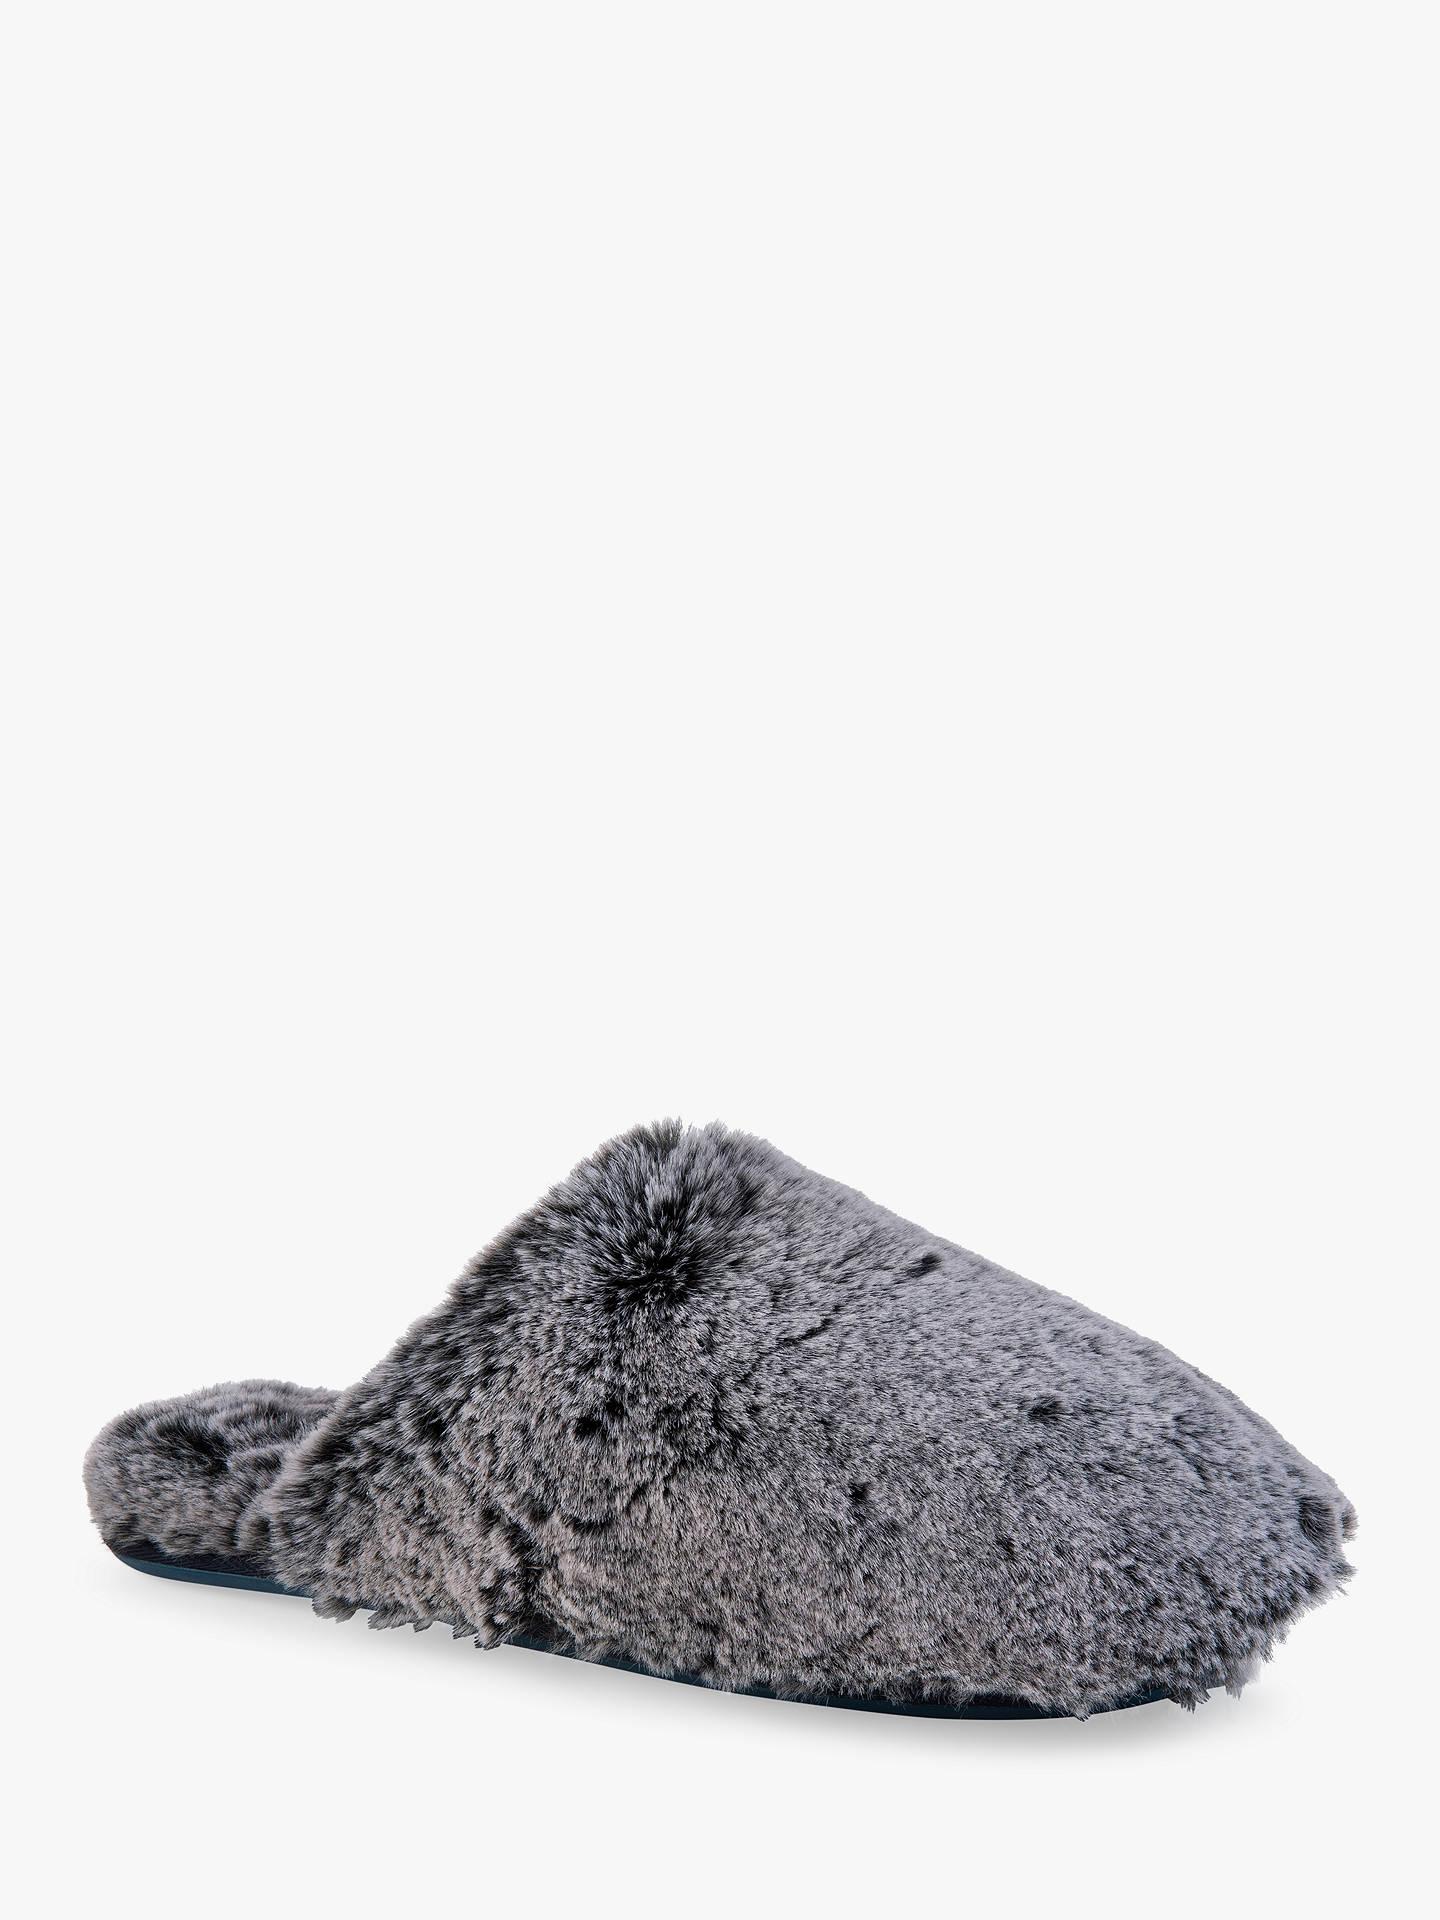 135babe1f Buy Ted Baker Joush Mule Slippers